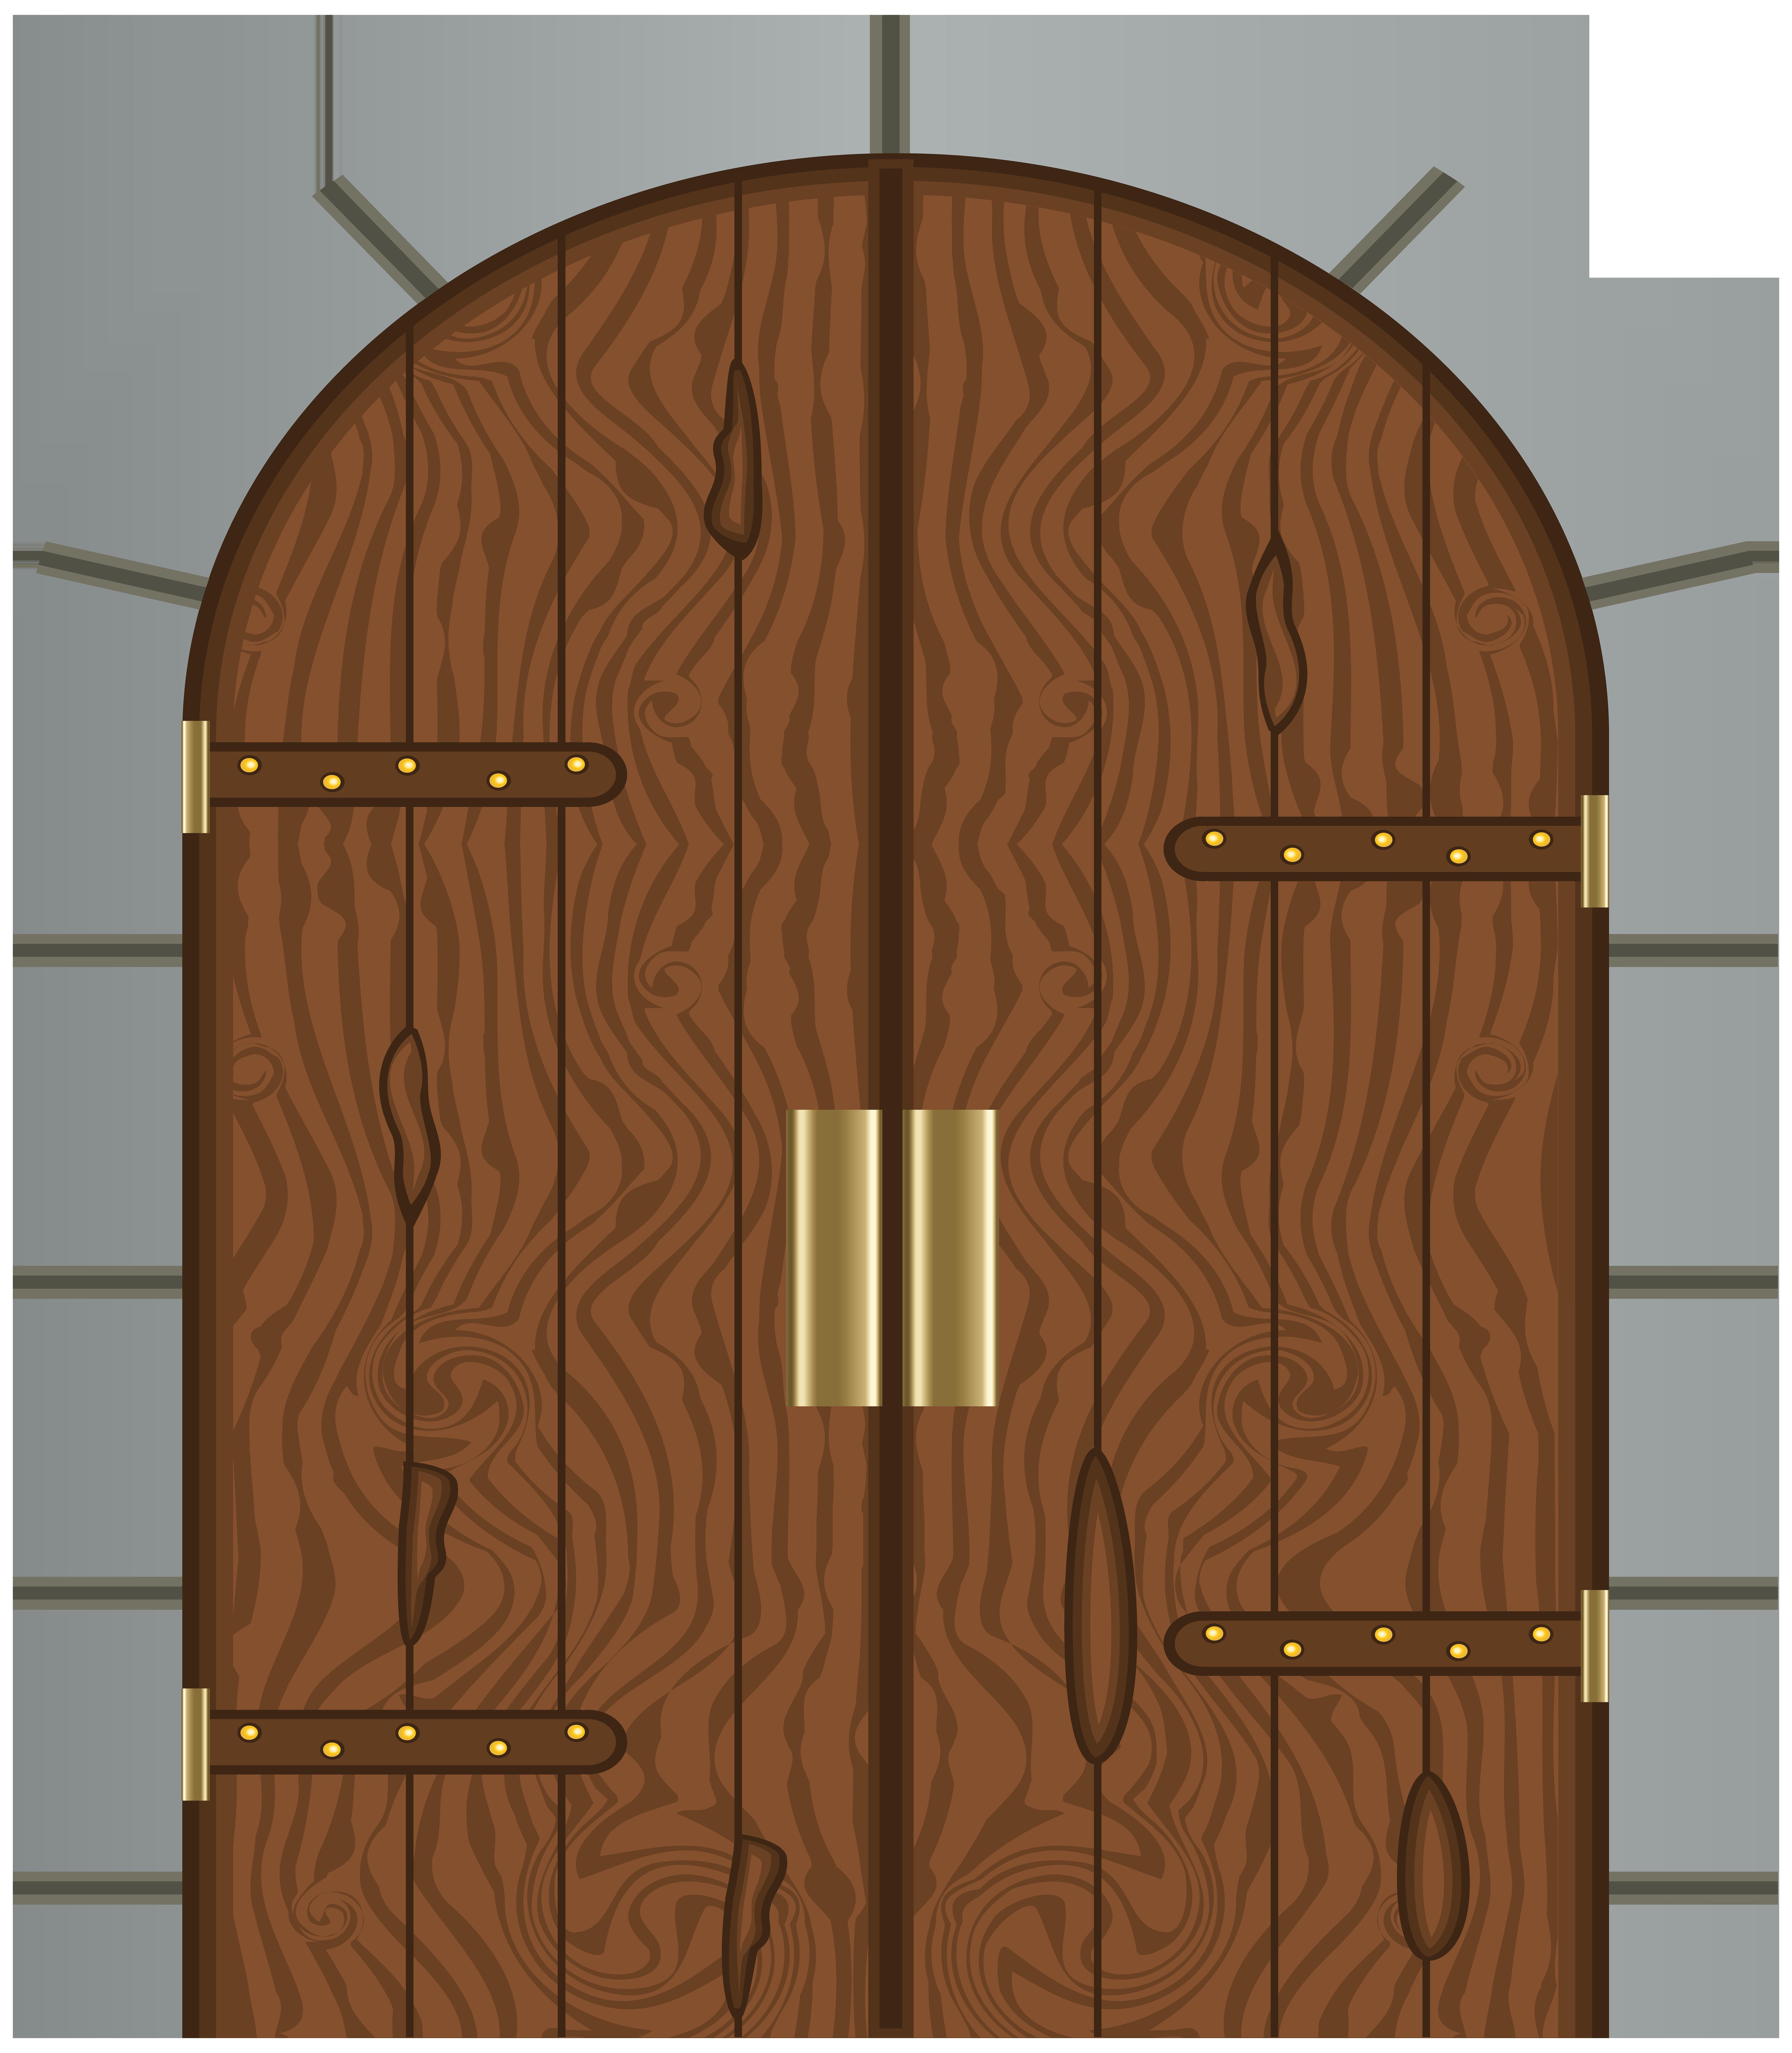 Castle Door Clipart.